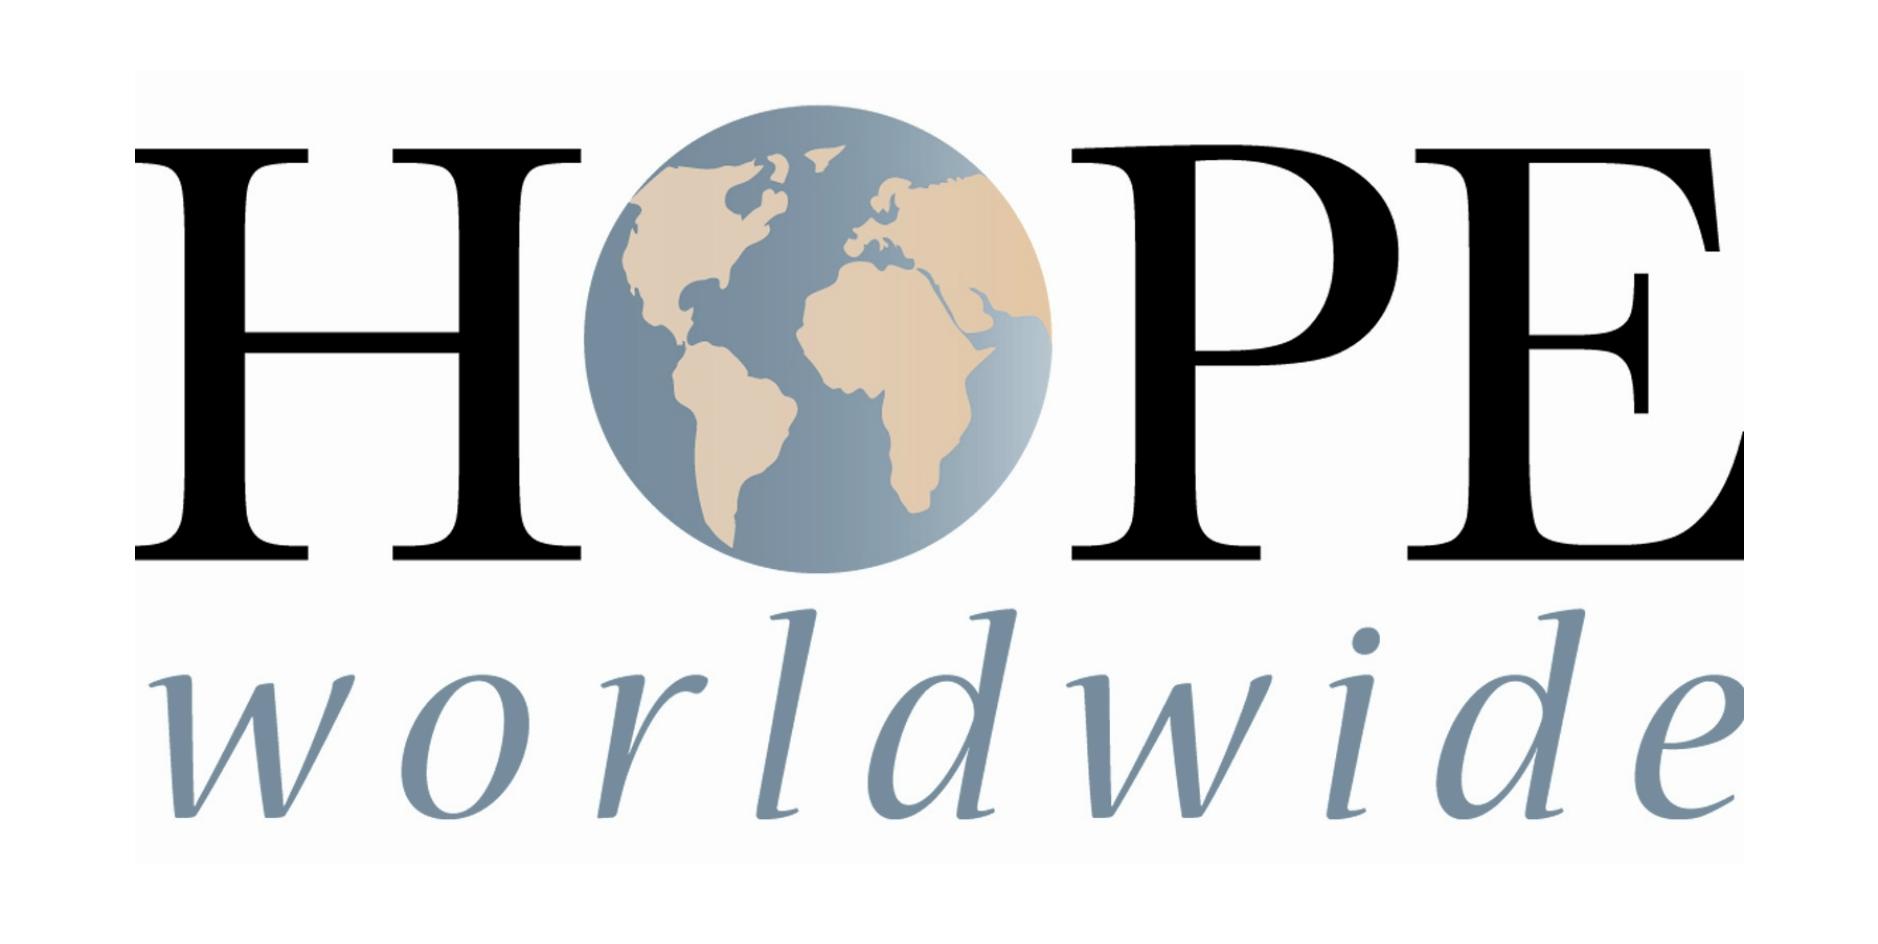 HOPE worldwide Bloomington Normal.